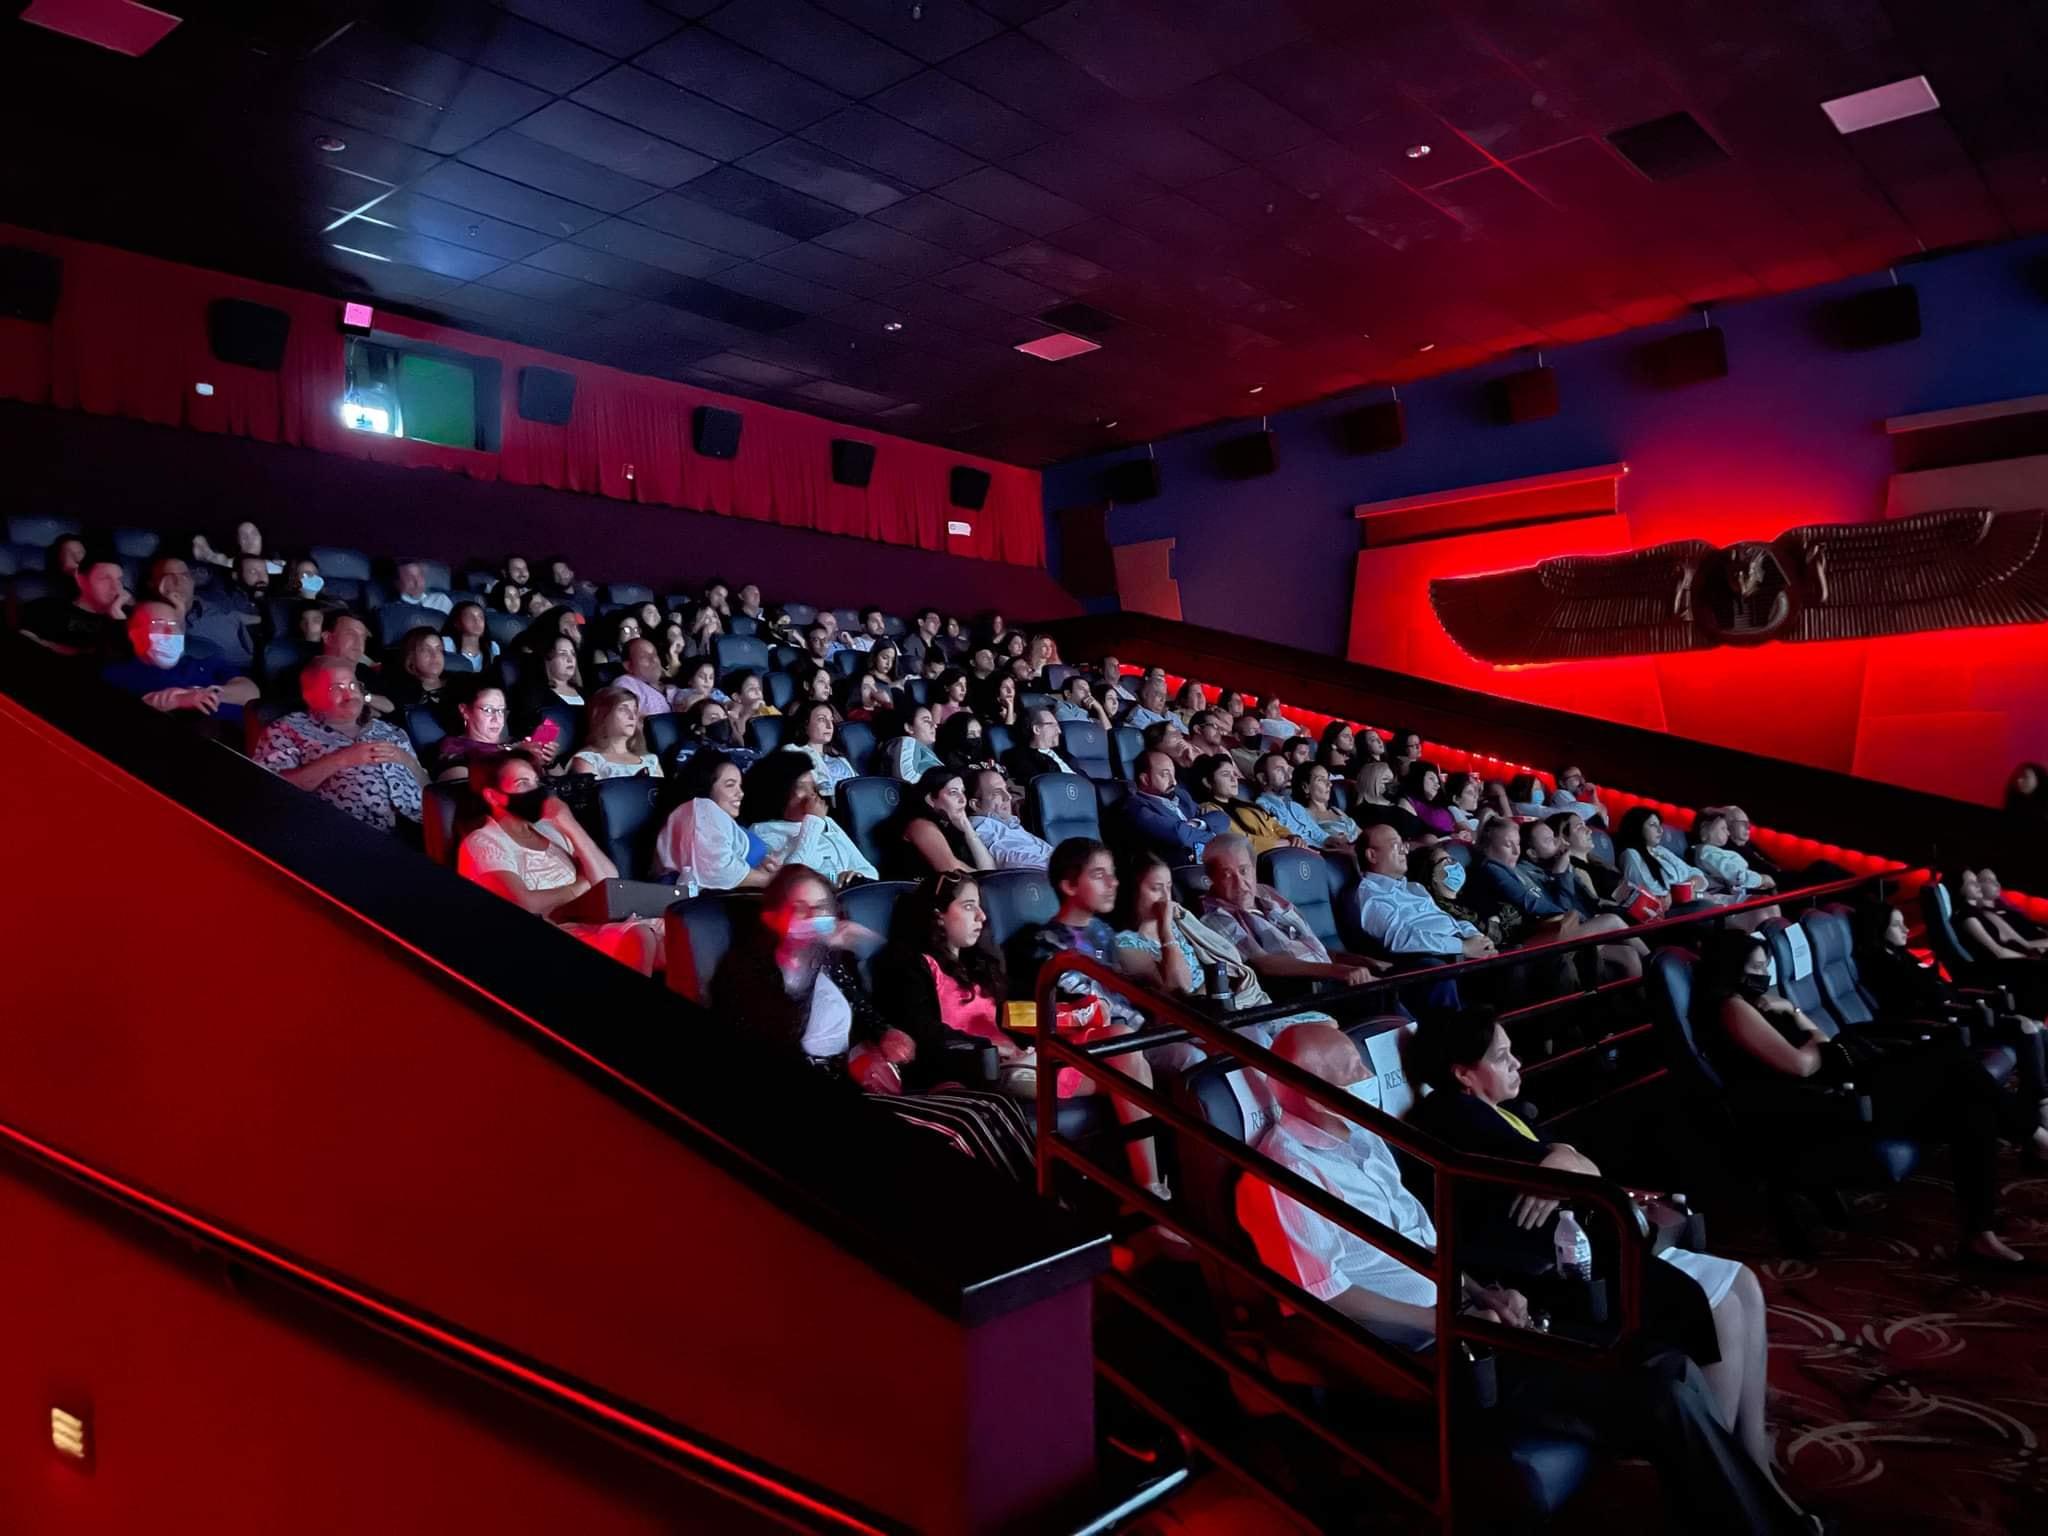 """""""الفراعنة يقتحمون هوليوود"""".. إقبال جماهيرى على عروض أول فيلم مصرى بالسينمات الامريكية"""